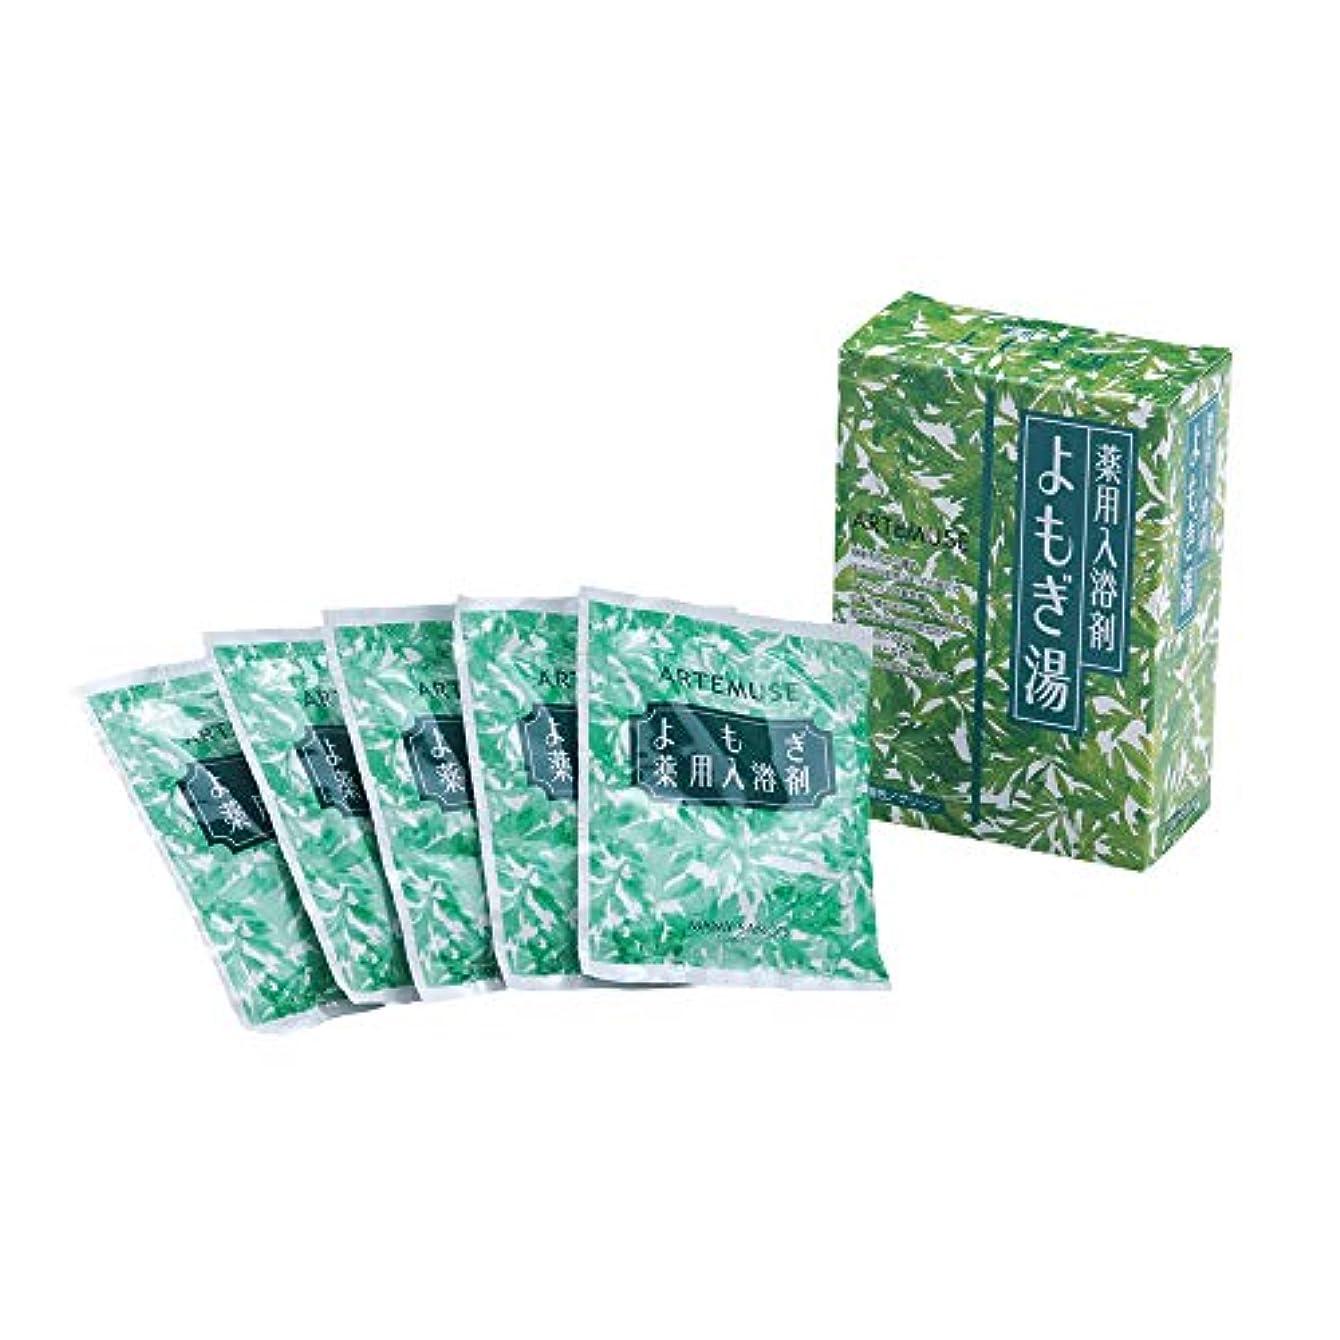 自分を引き上げる皿順応性のあるマミーサンゴ よもぎ入浴剤 薬用バスソルトA [分包タイプ] 30g×5包入 (1箱)